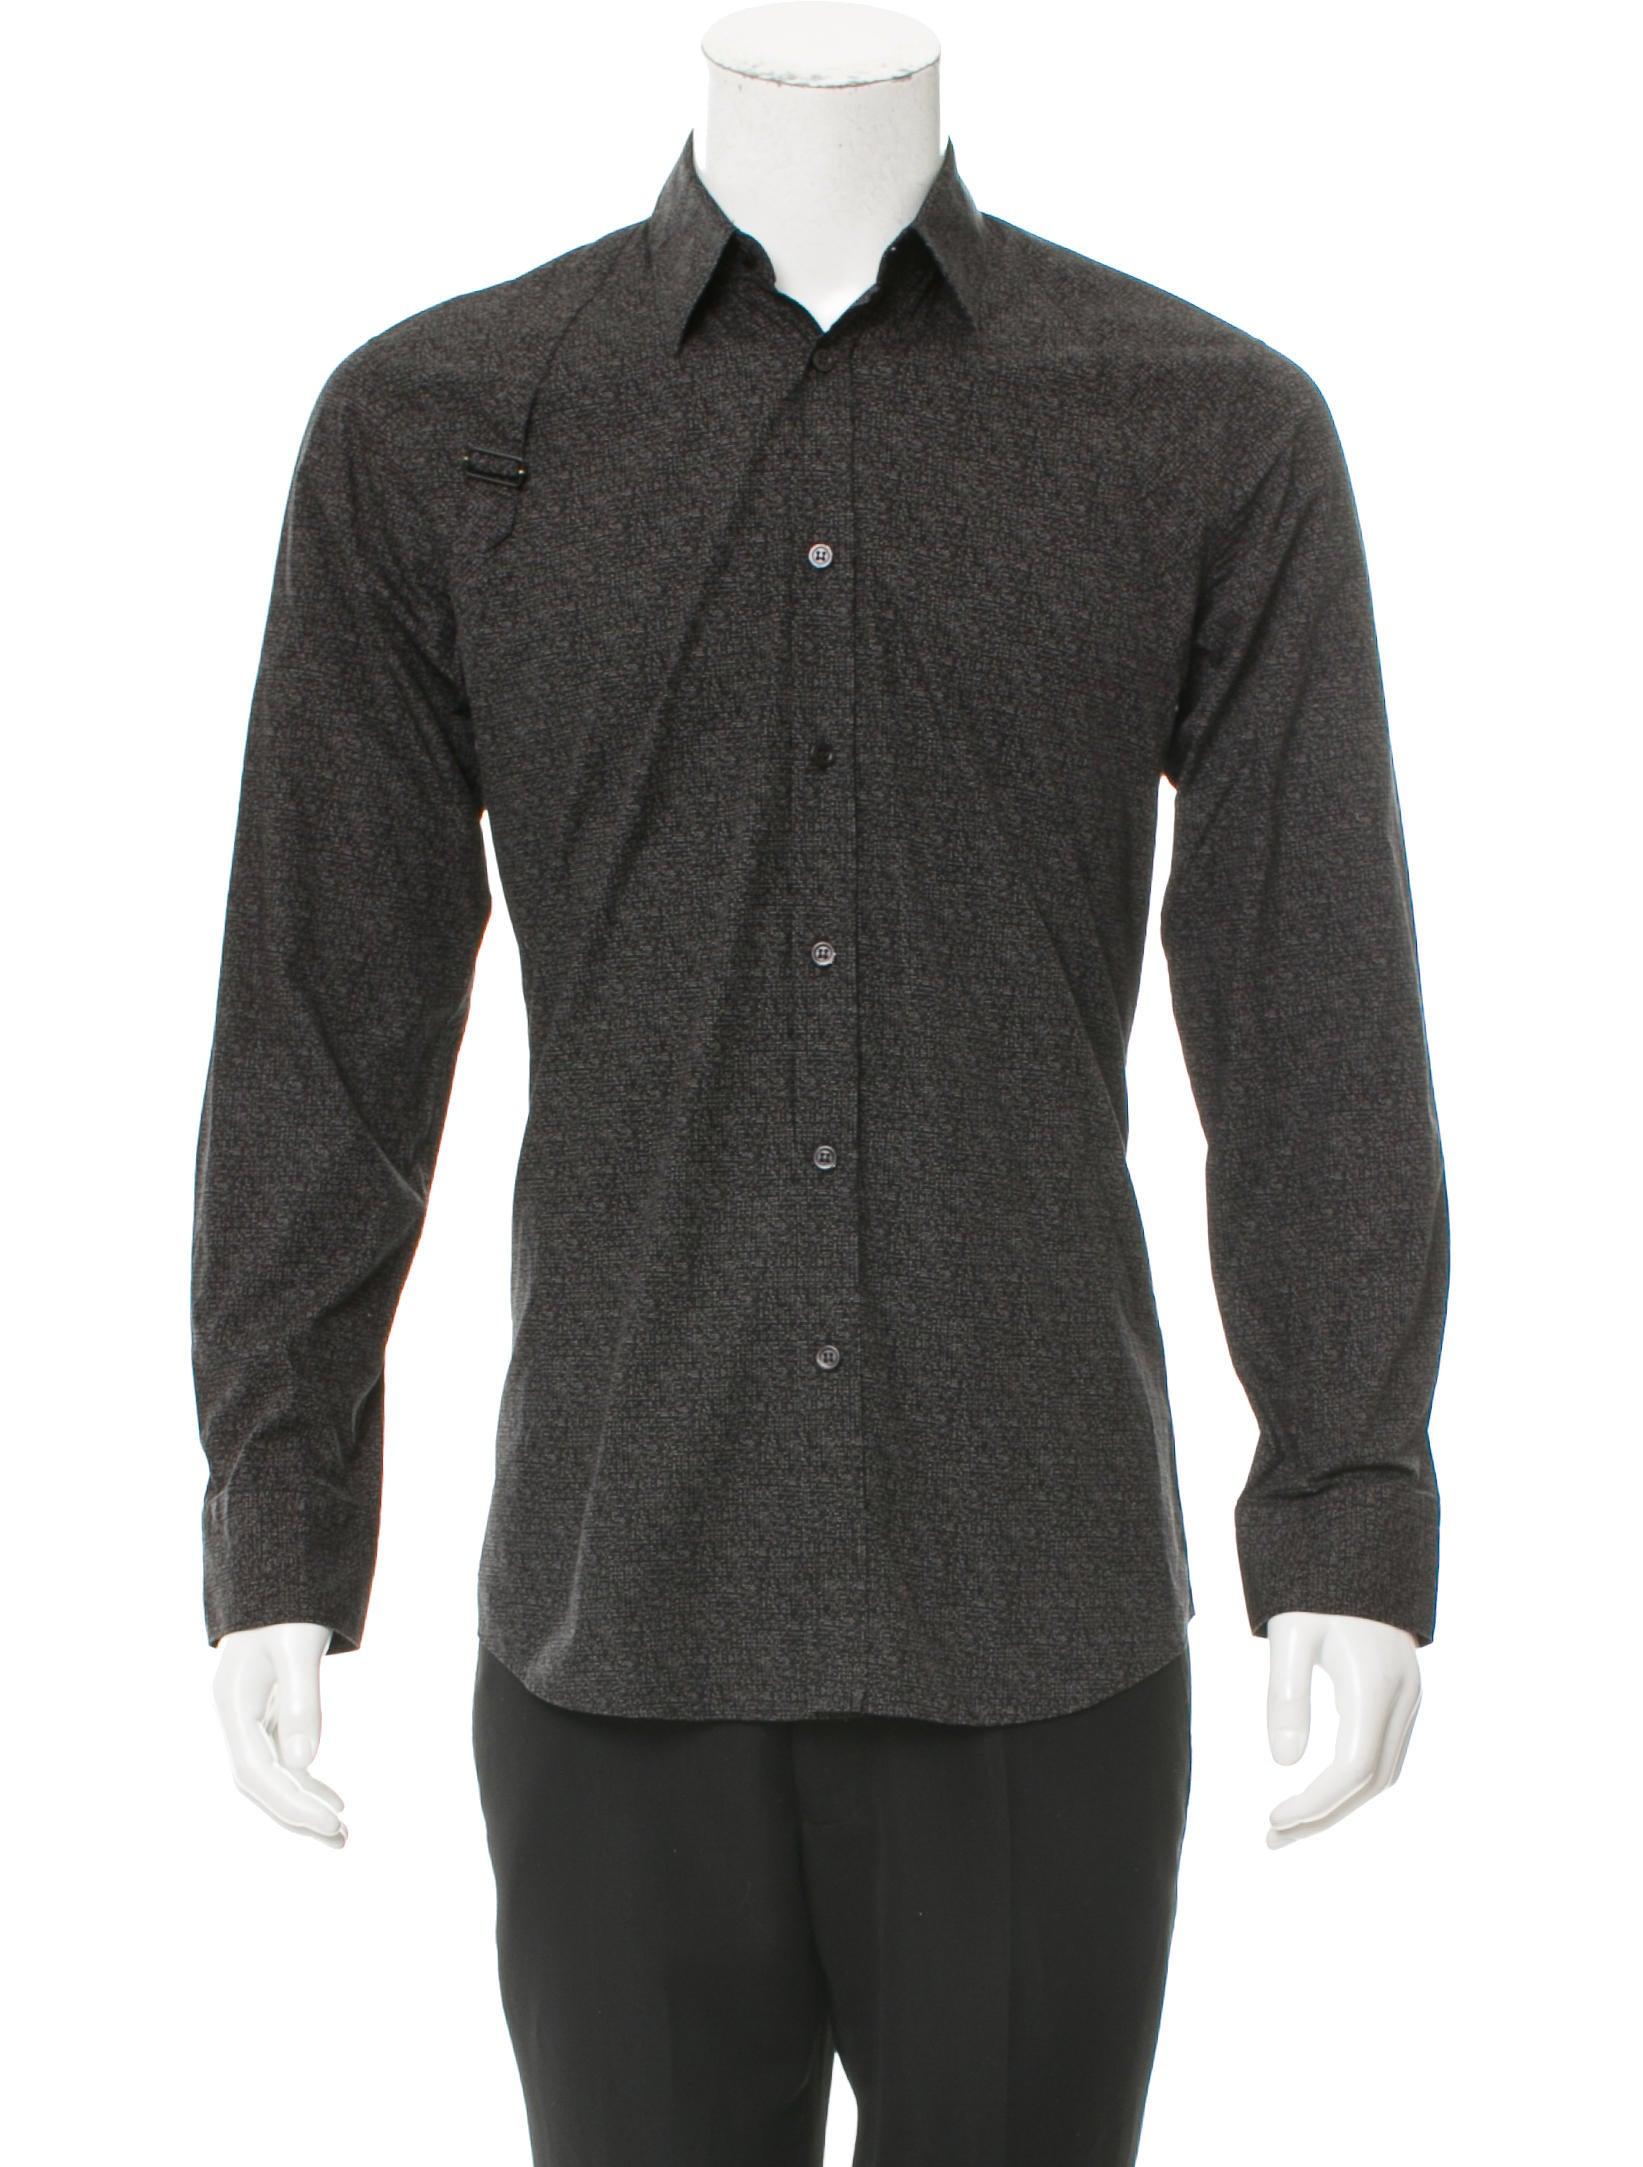 Alexander mcqueen speckled button up shirt clothing for Alexander mcqueen shirt men